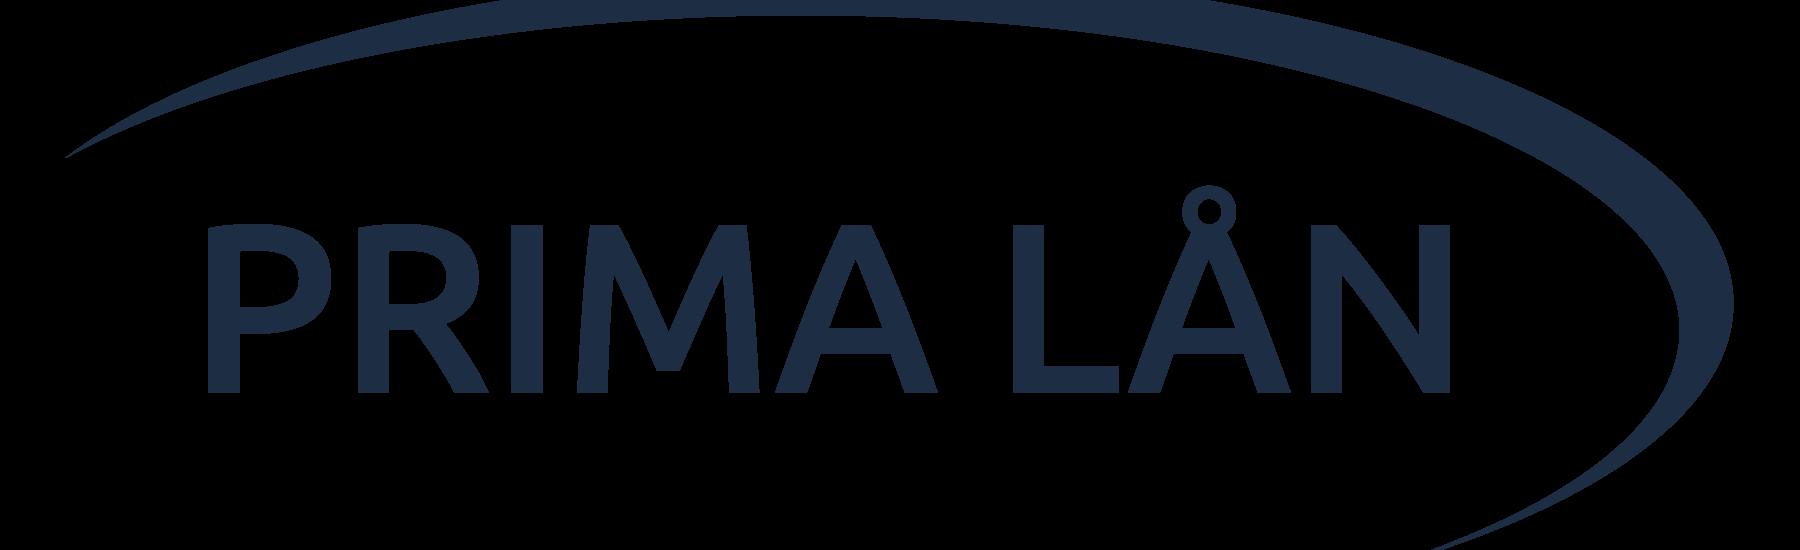 prima-lan-logo